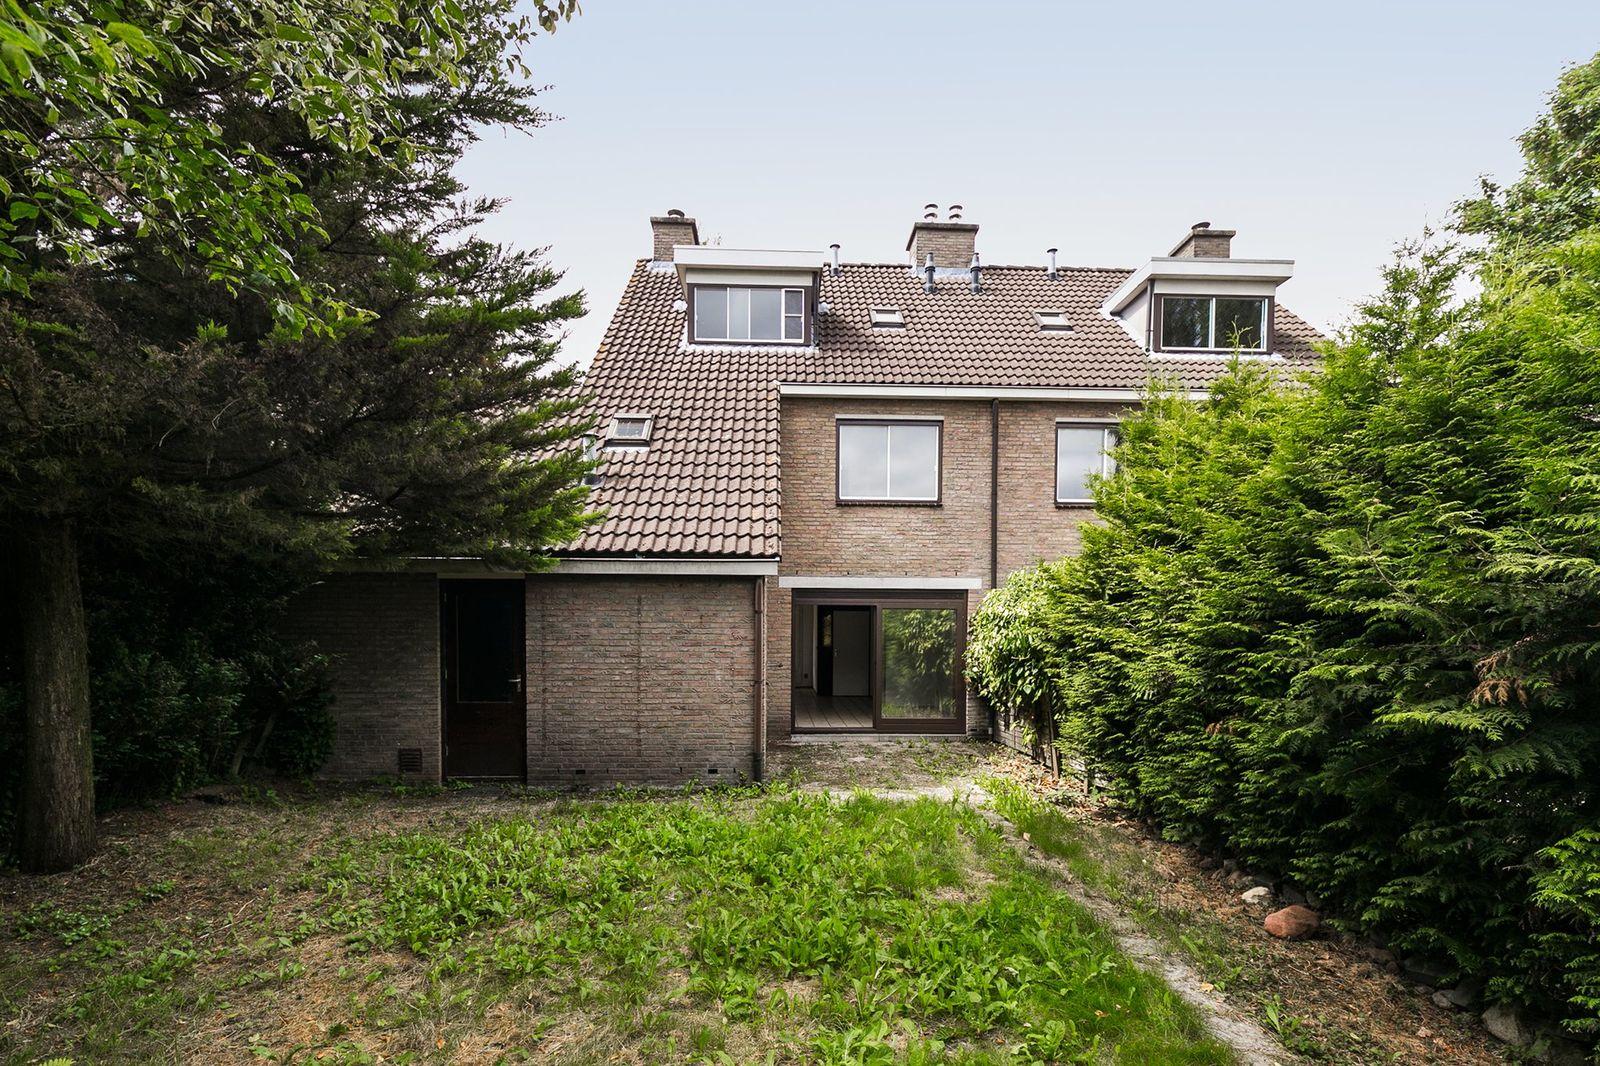 W Jaasmasingel 9, Dwingeloo